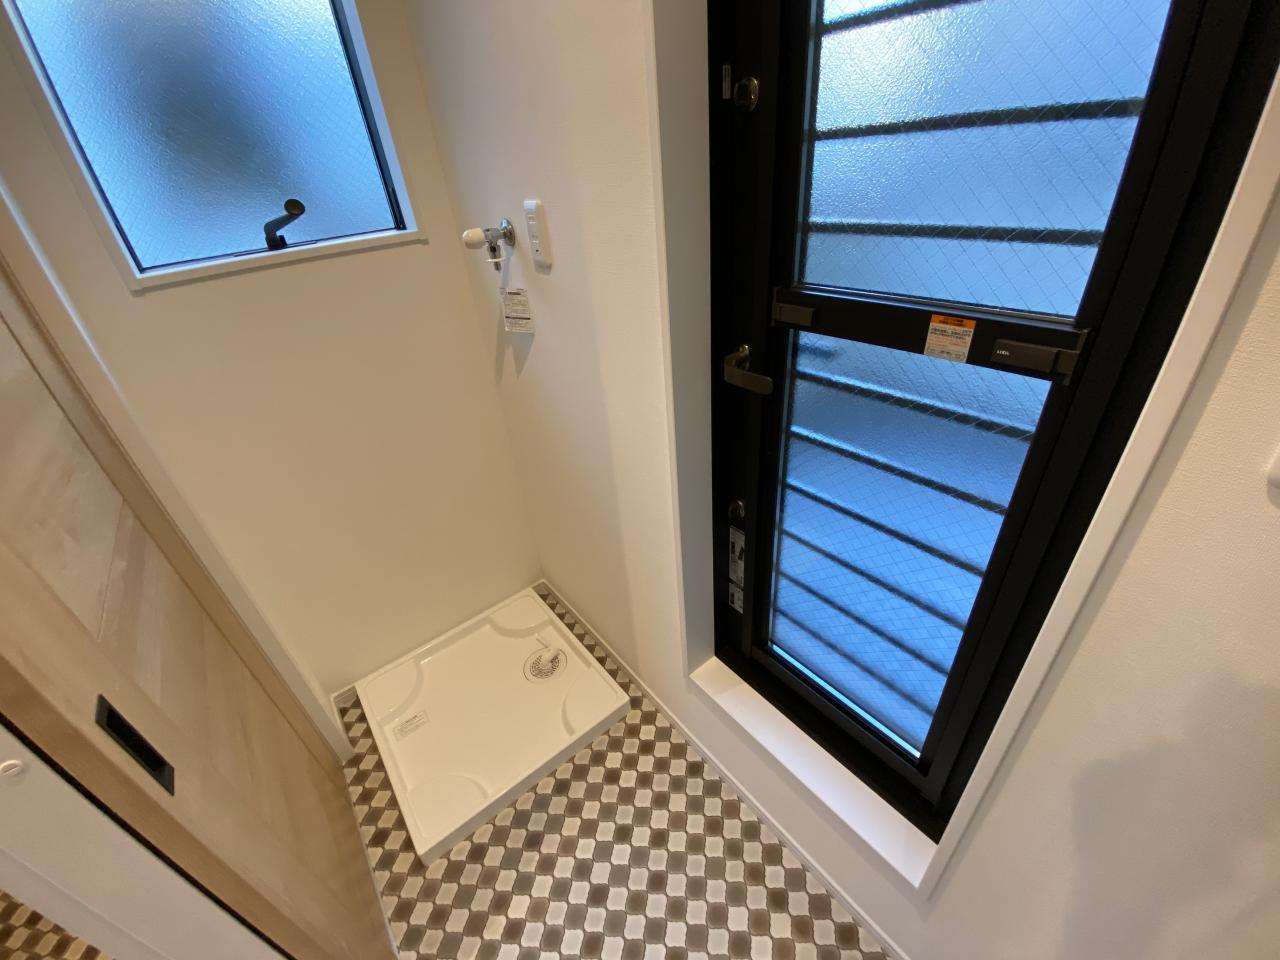 【8号地】ランドリースペースを2階に設けることで日々の洗濯を楽にしてくれます